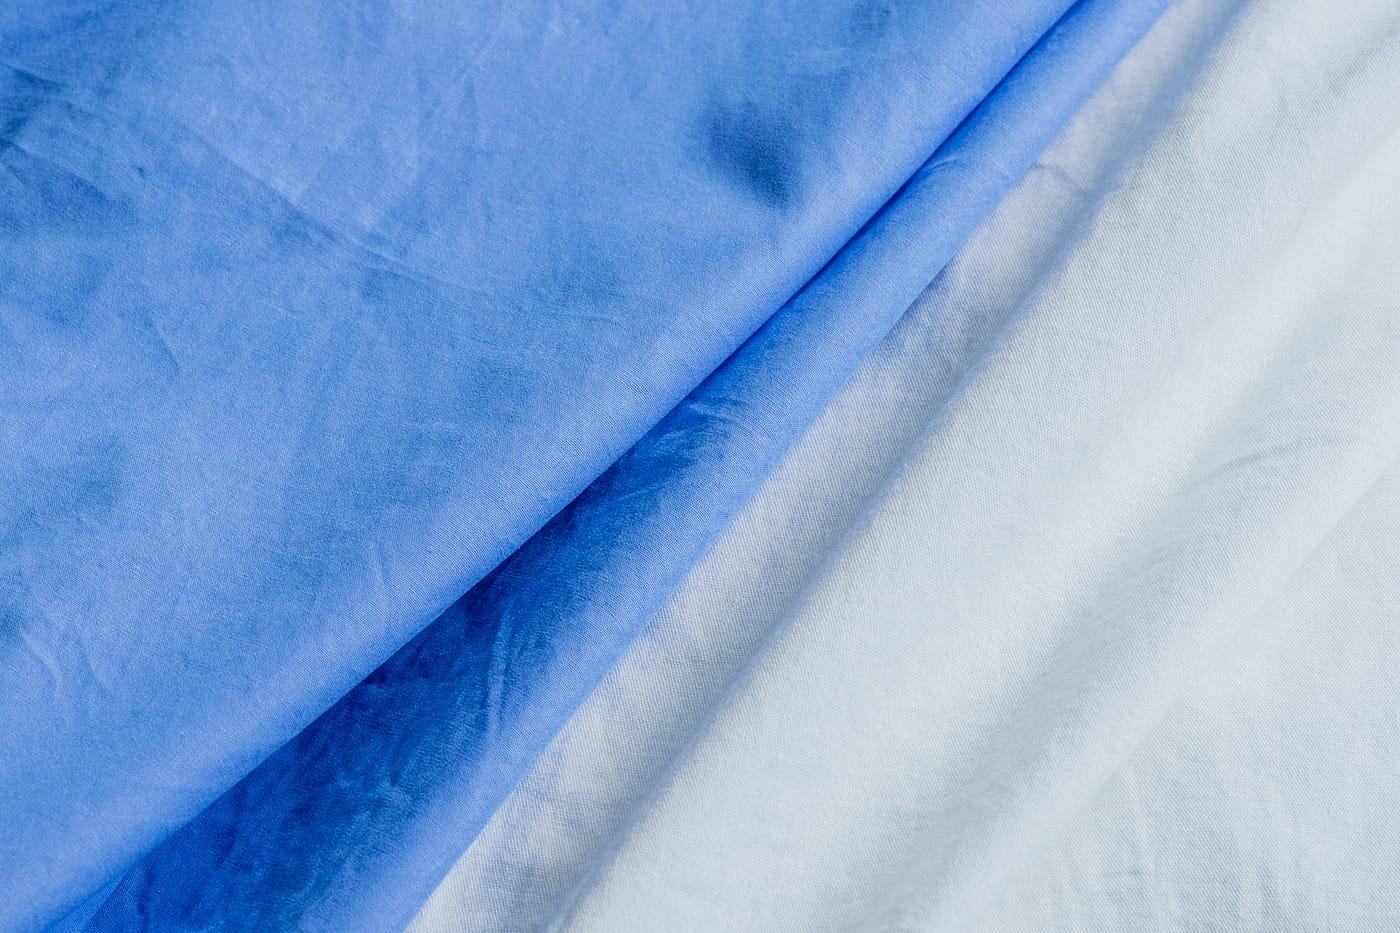 カジュアルシャツ「ブライトン」 表情の異なる2種類の生地。ともに製品洗い加工でこなれた風合いに